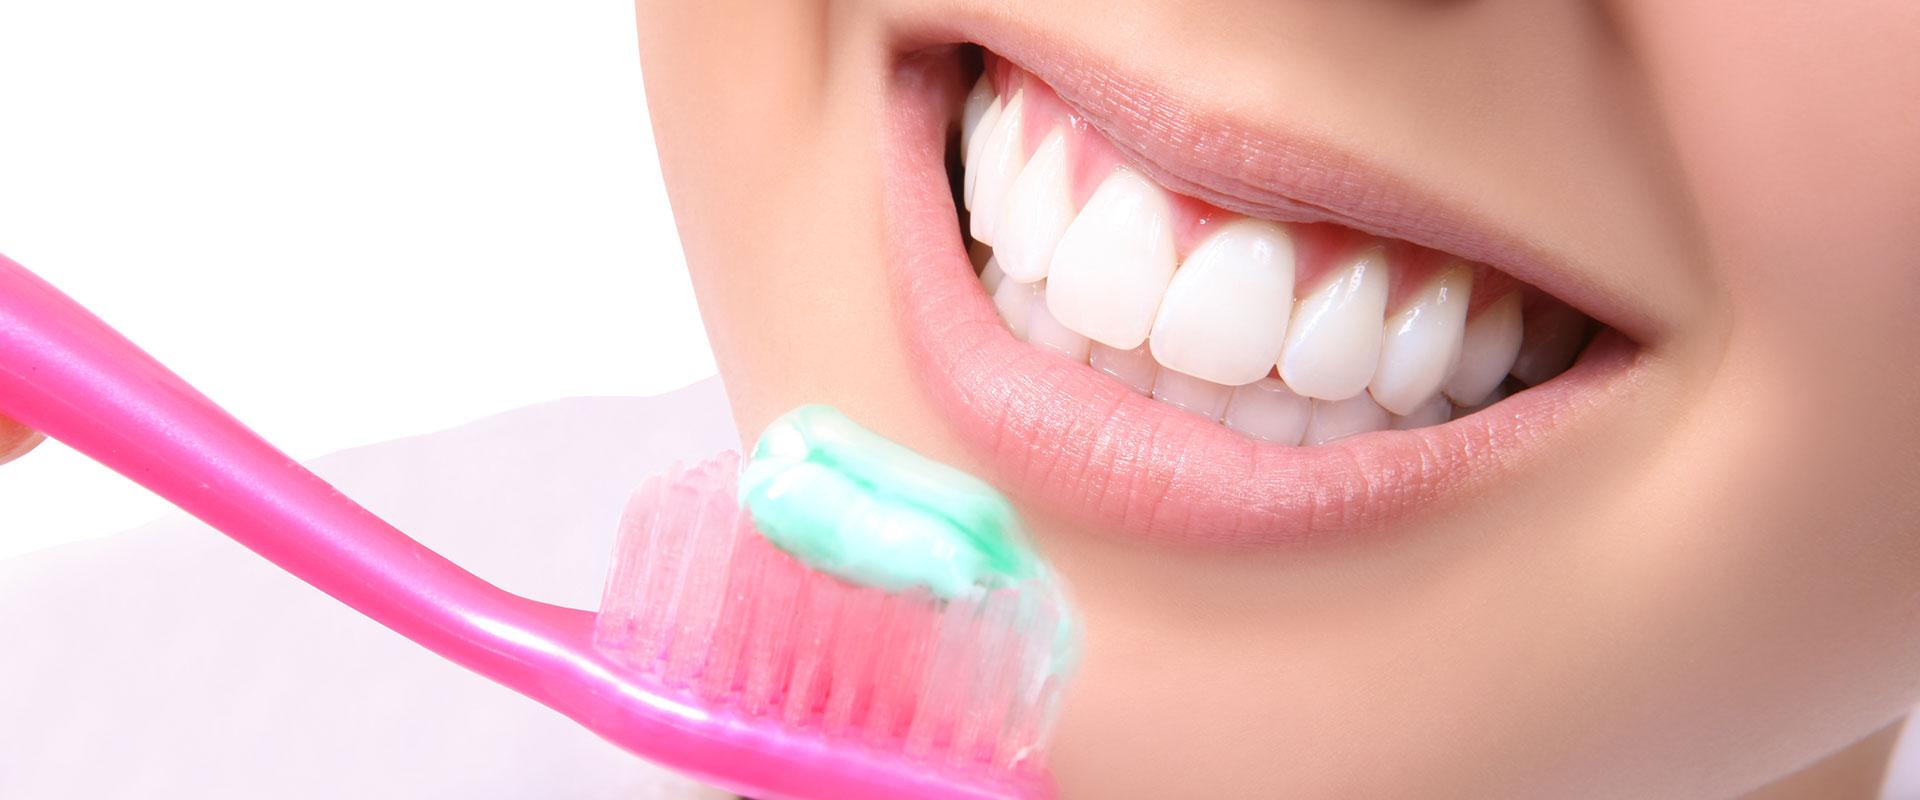 Îngrijirea dinților și gingiilor seara